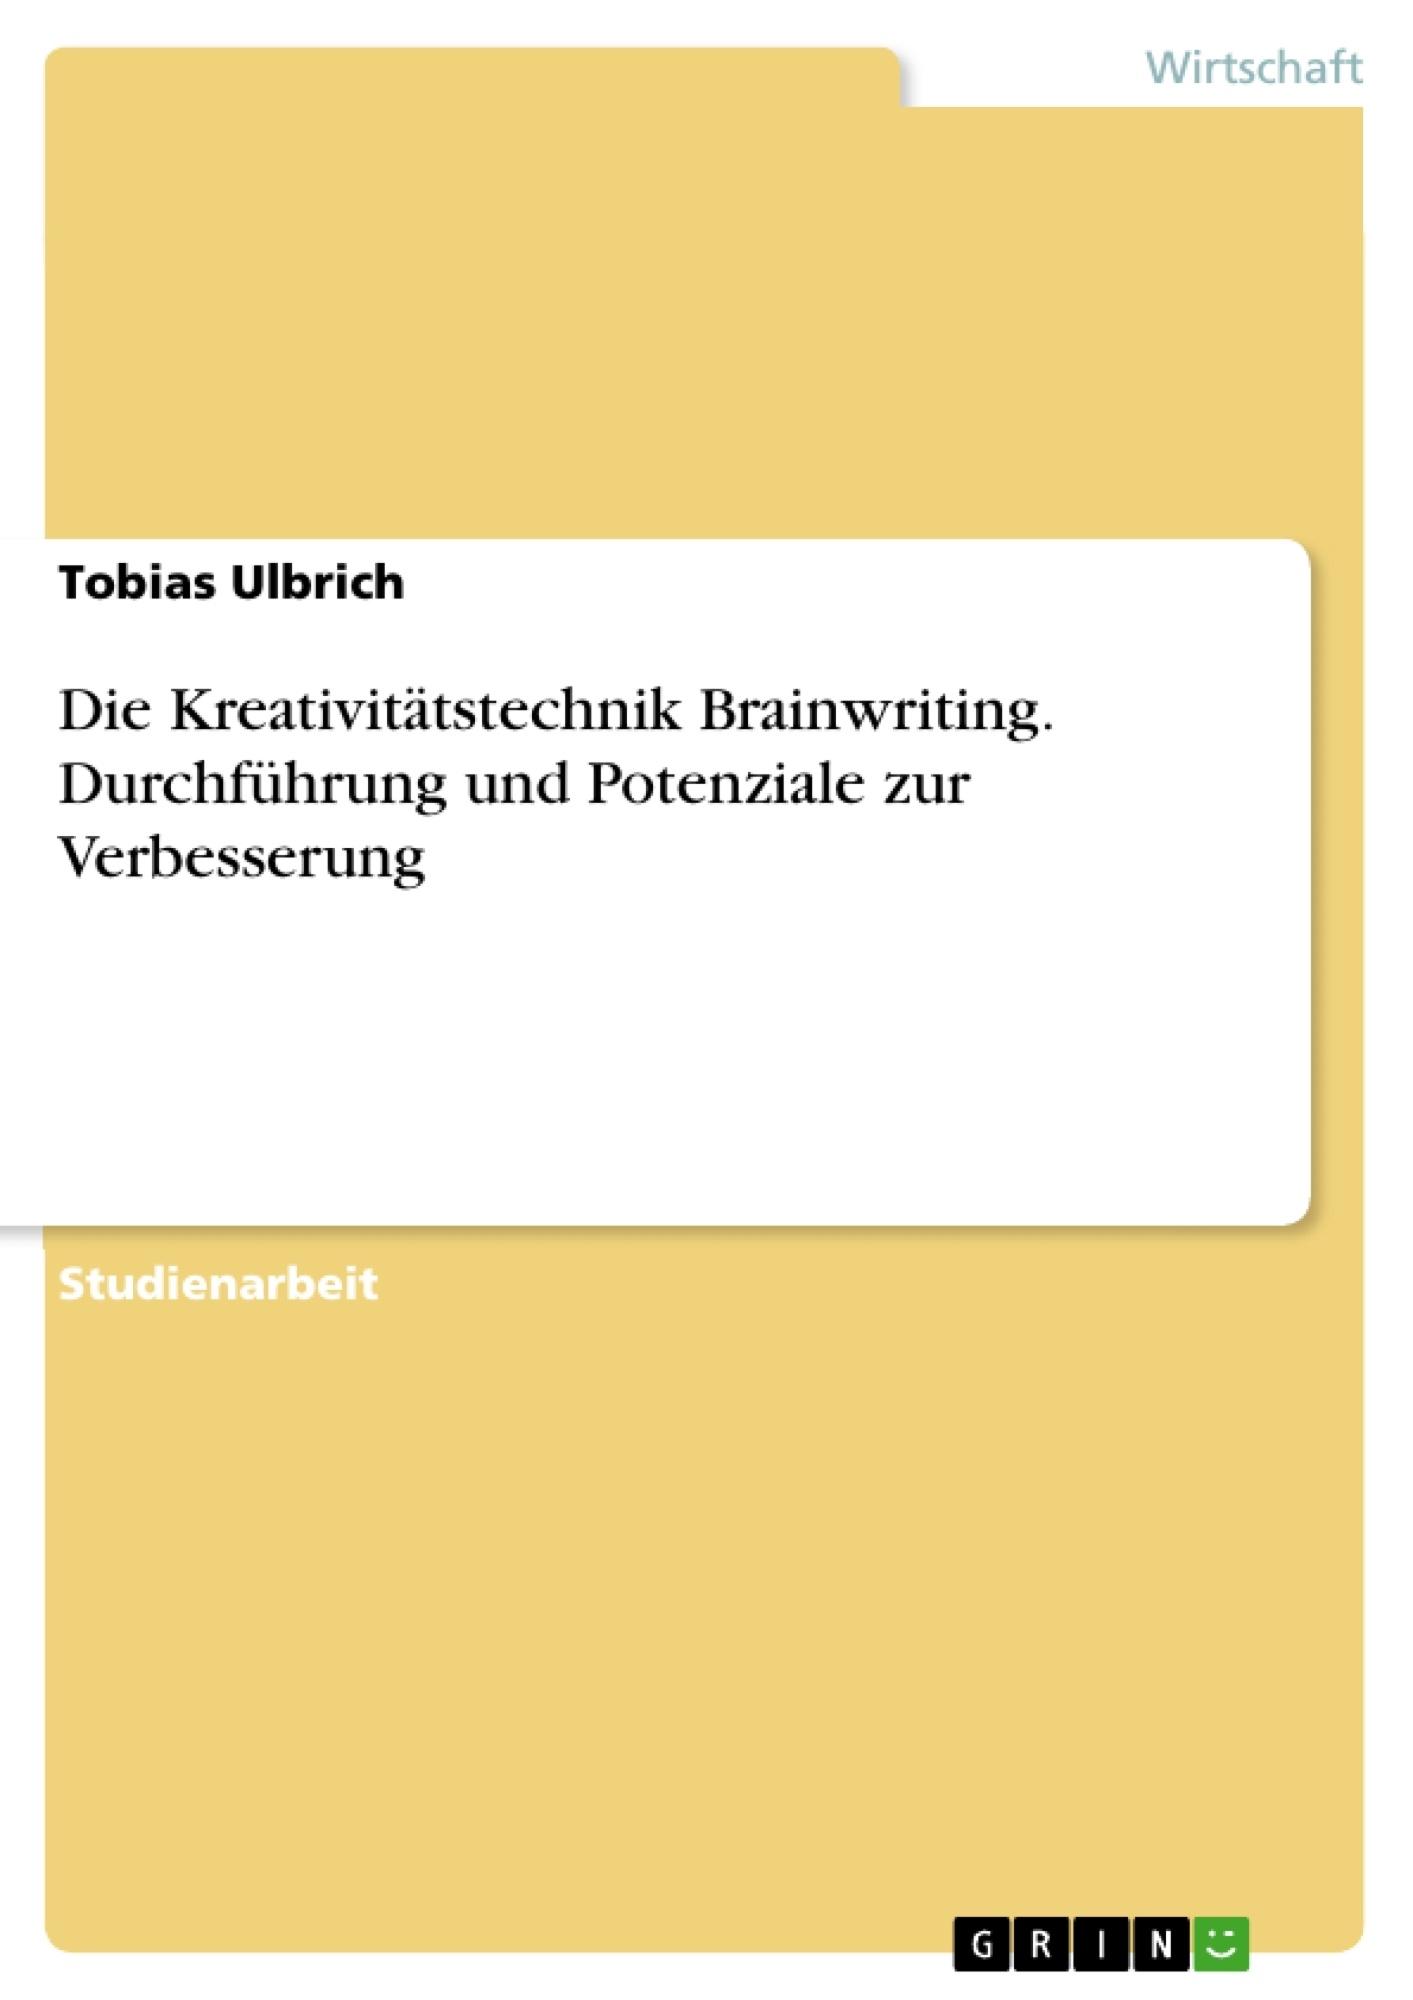 Titel: Die Kreativitätstechnik Brainwriting. Durchführung und Potenziale zur Verbesserung